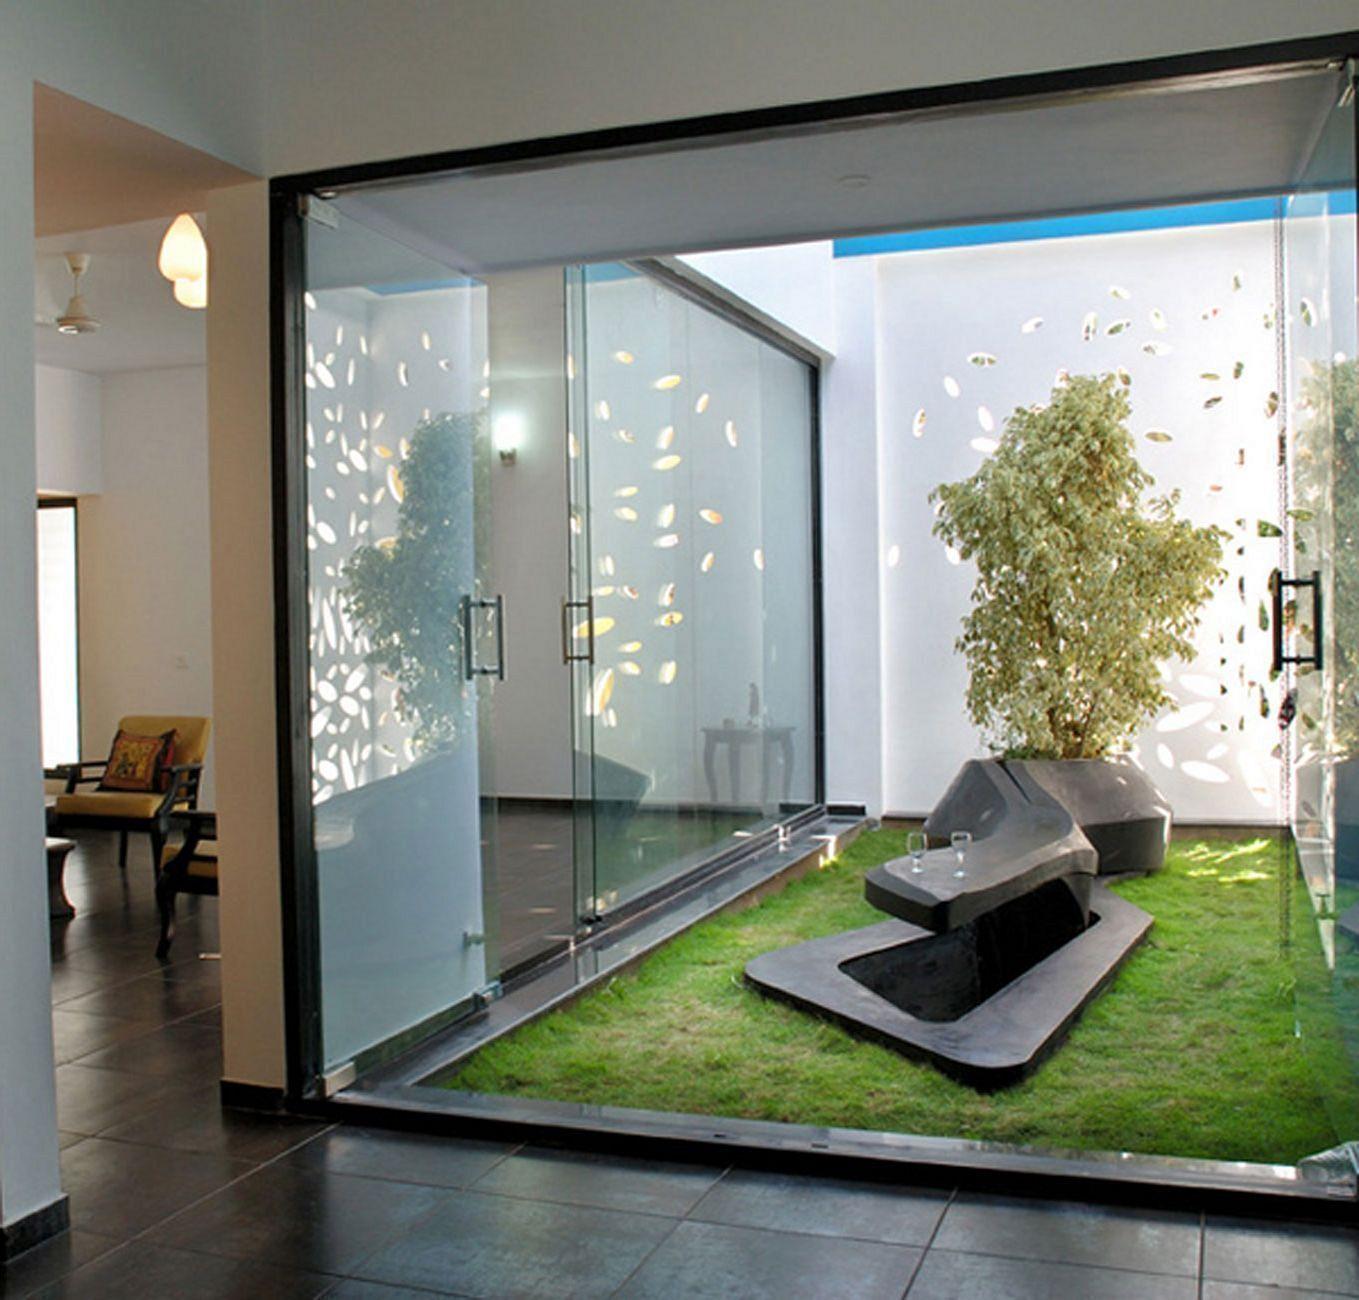 Top amazing minimalist indoor zen garden design ideas